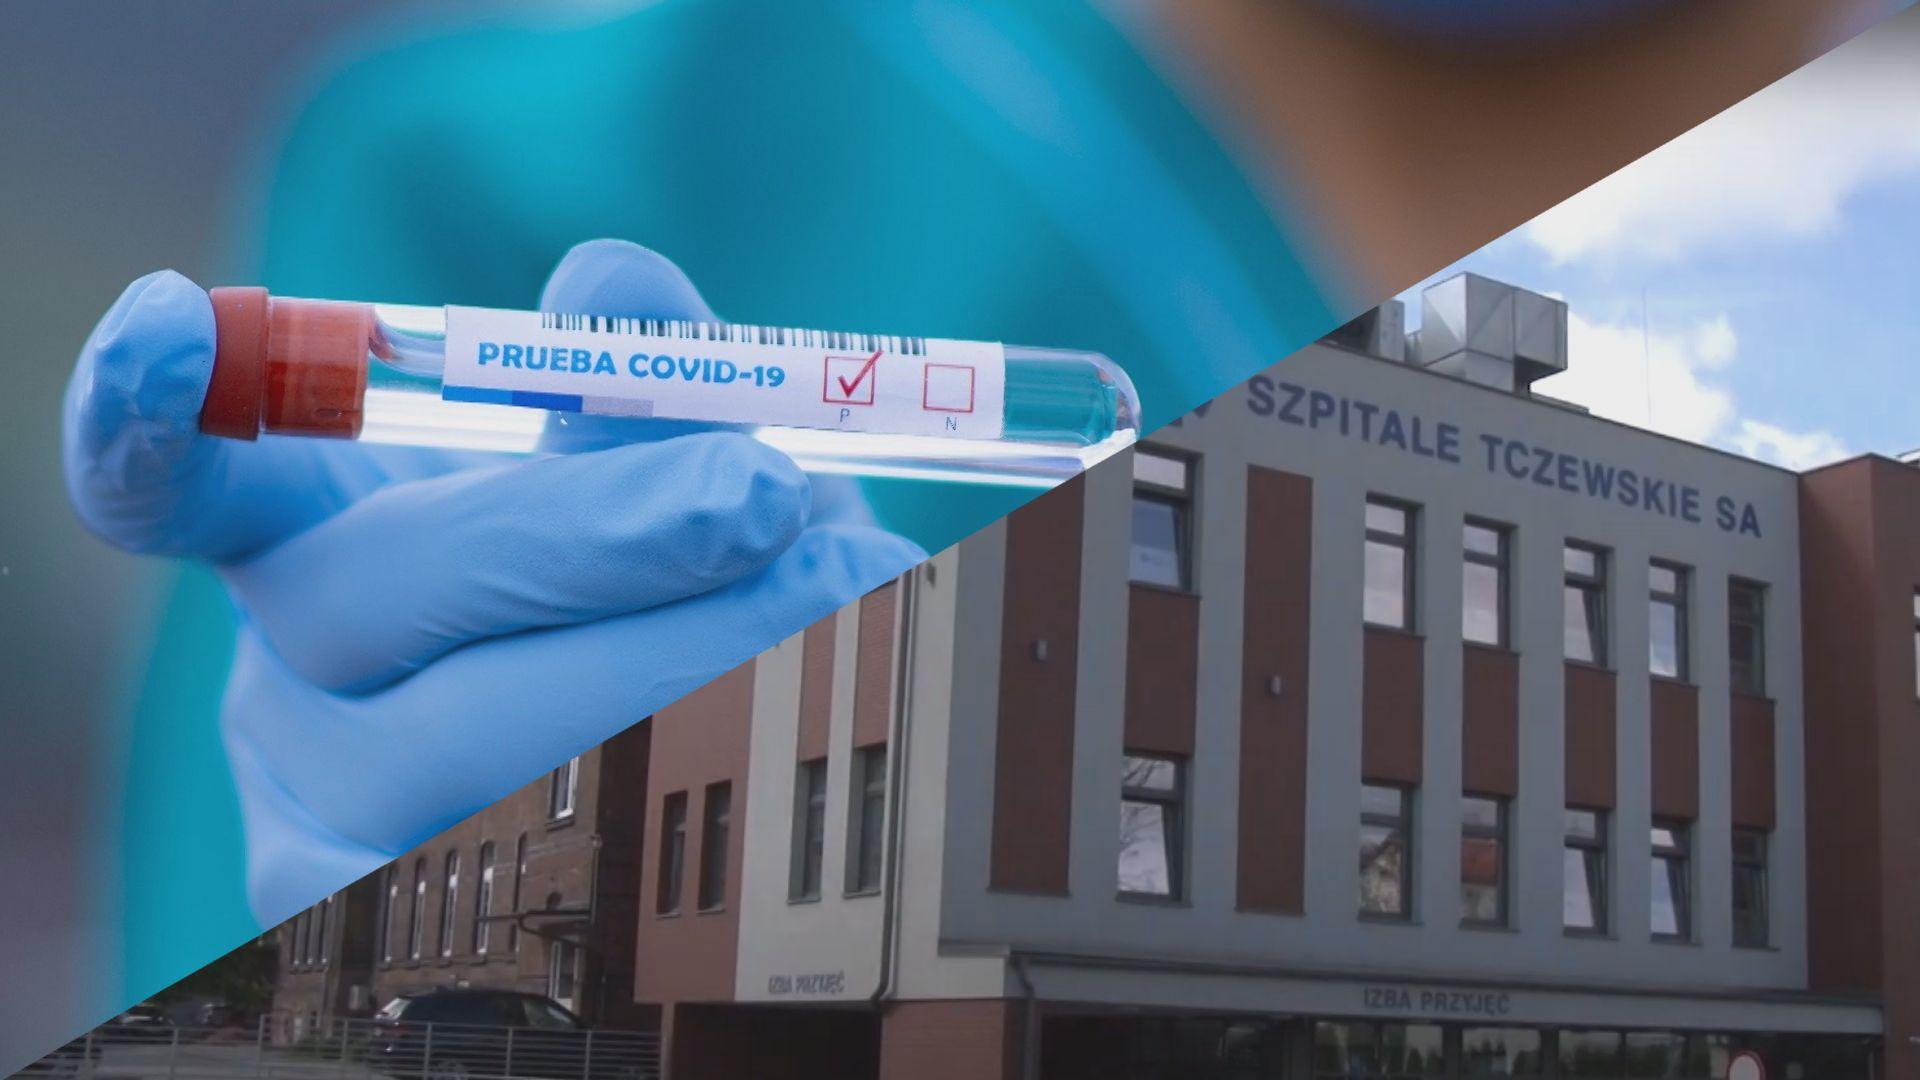 Koronawirus znów w Szpitalach Tczewskich